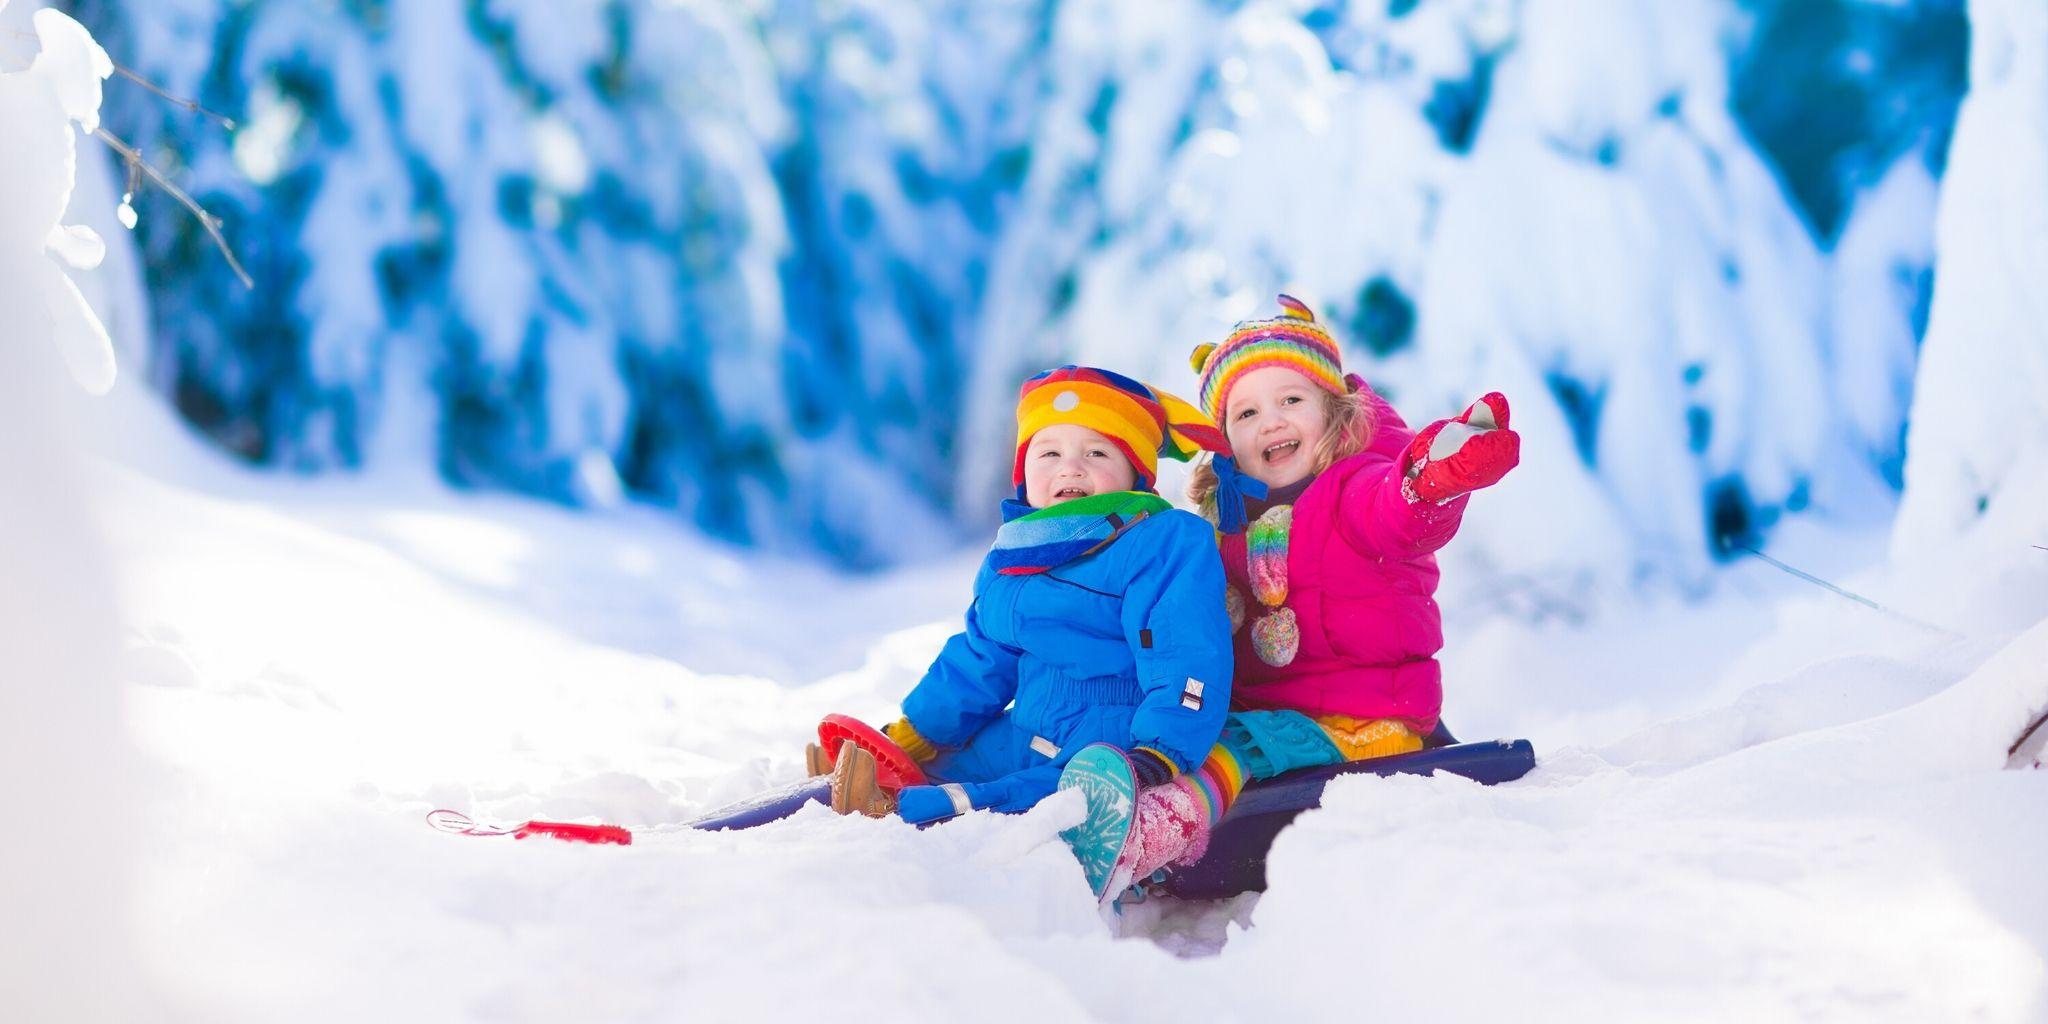 Winteraktivitäten für Kinder